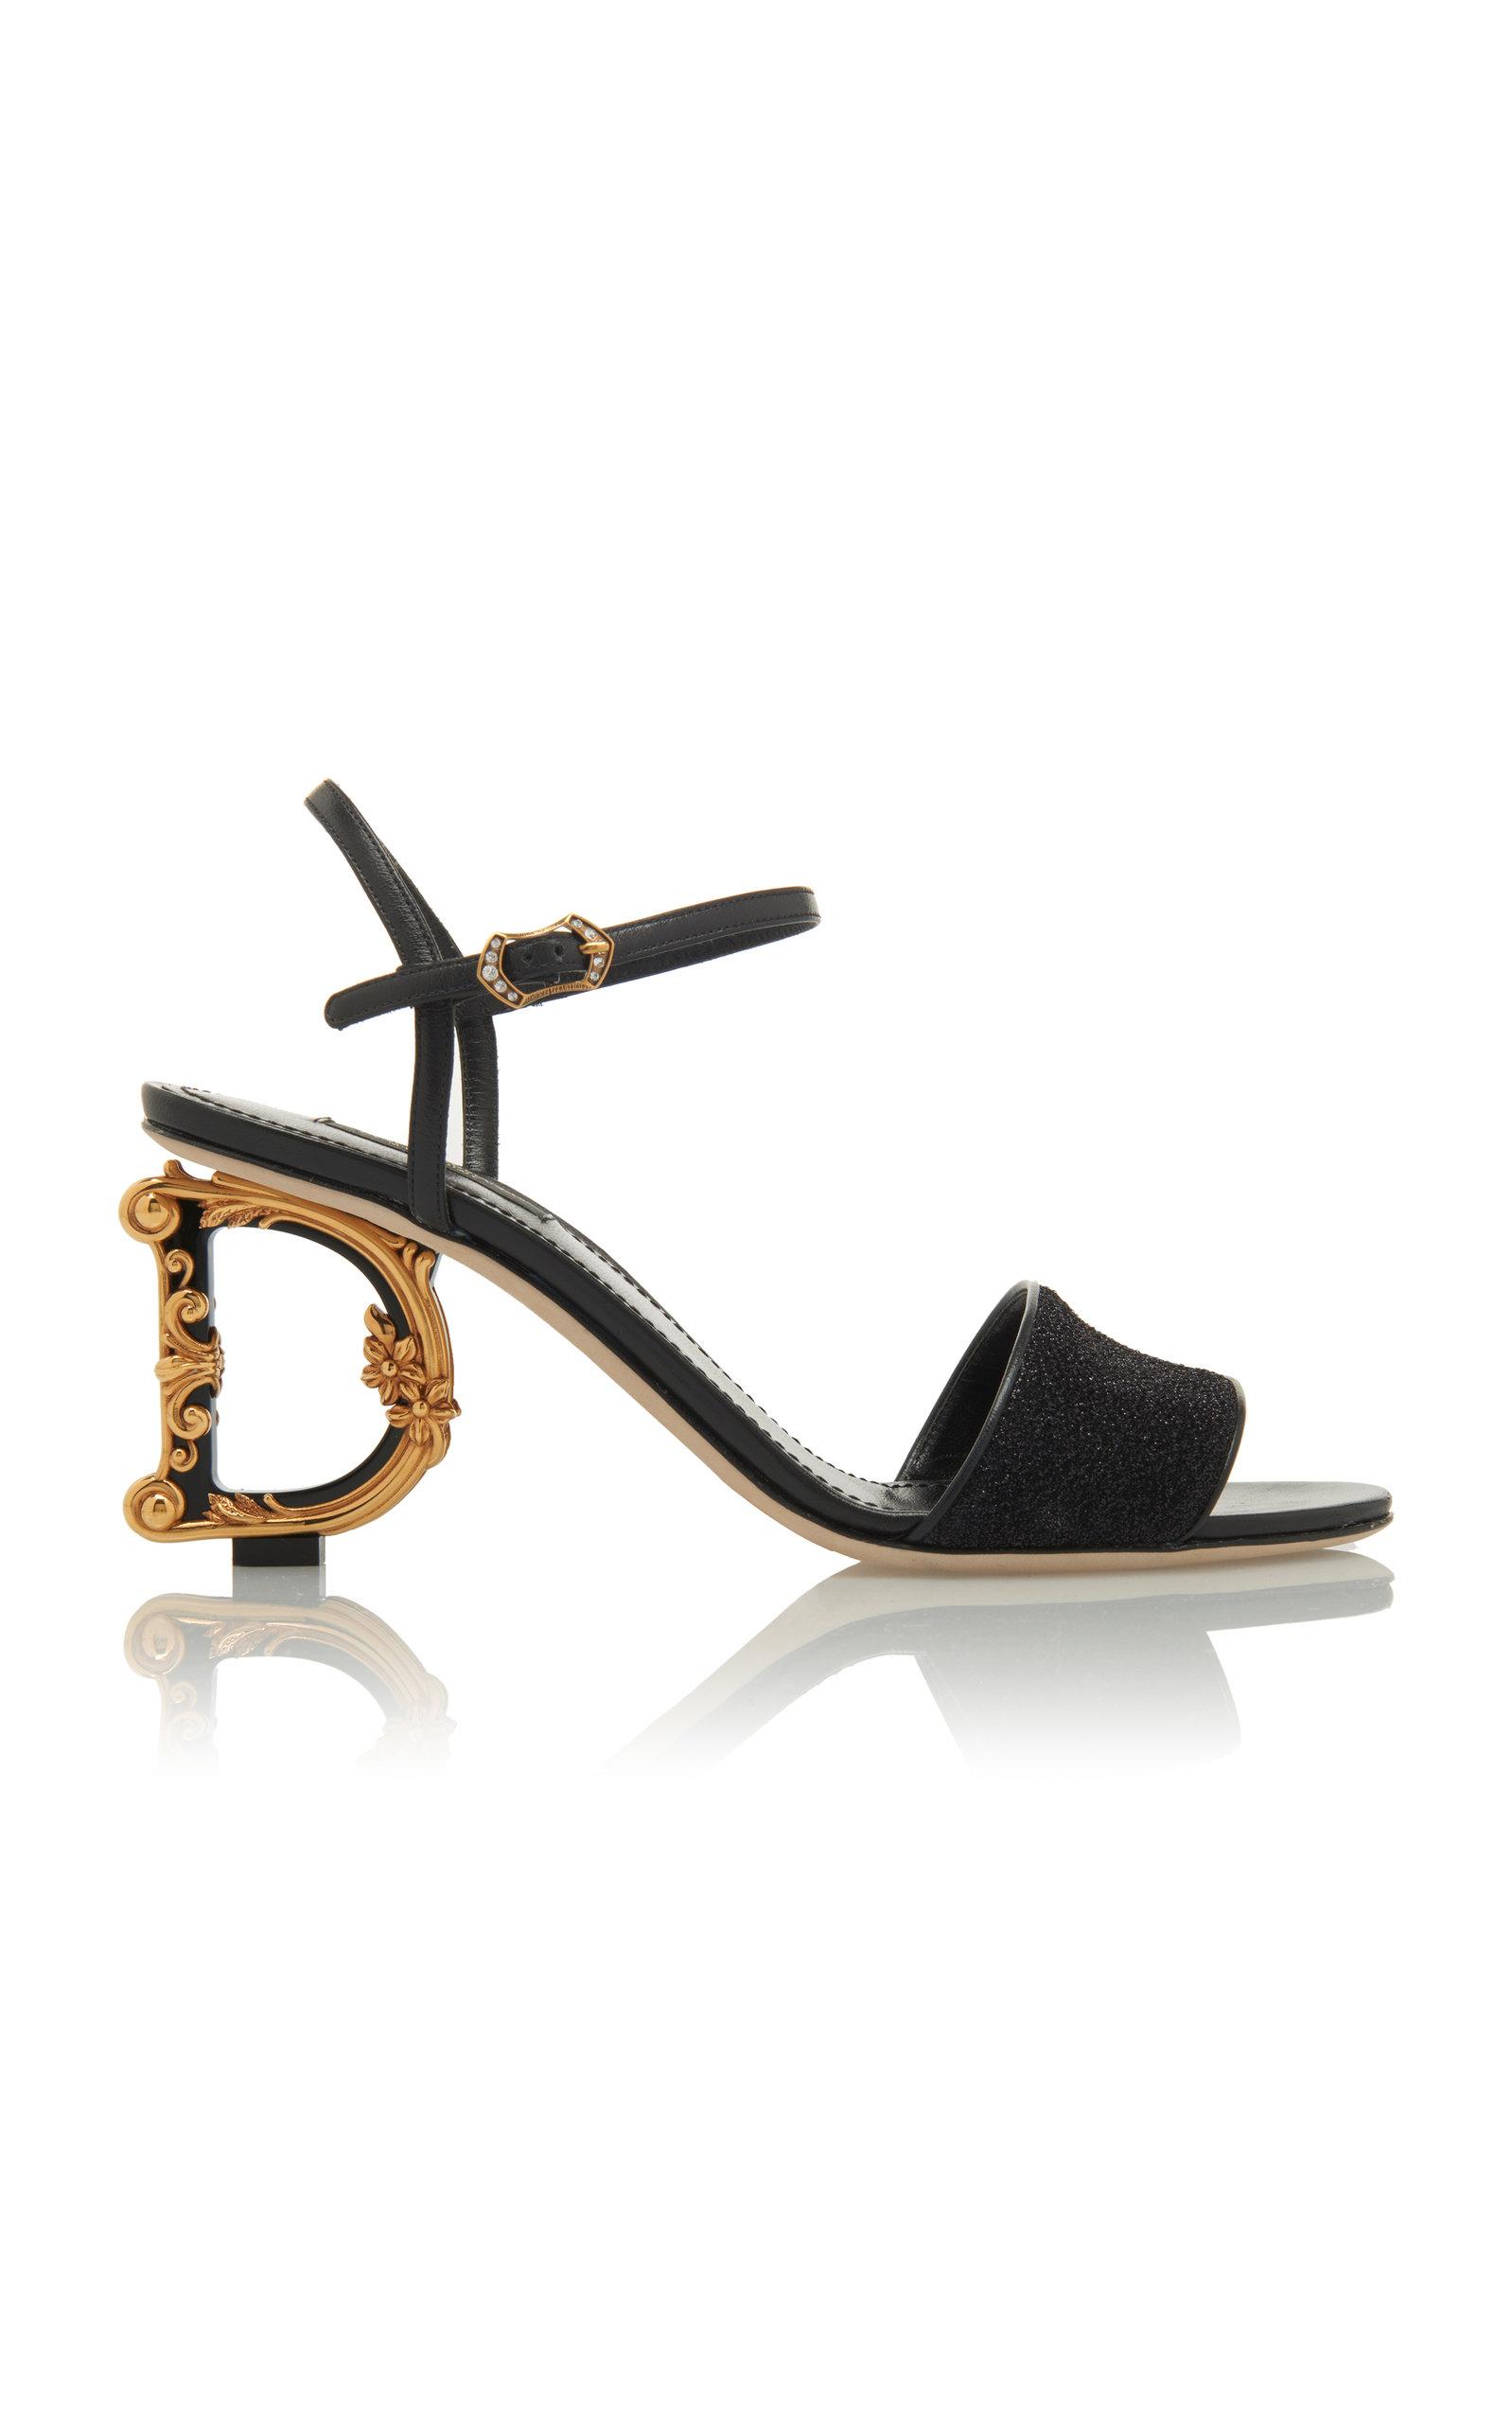 Dolce & Gabbana Sandals Baroque-Heel Lurex Sandals